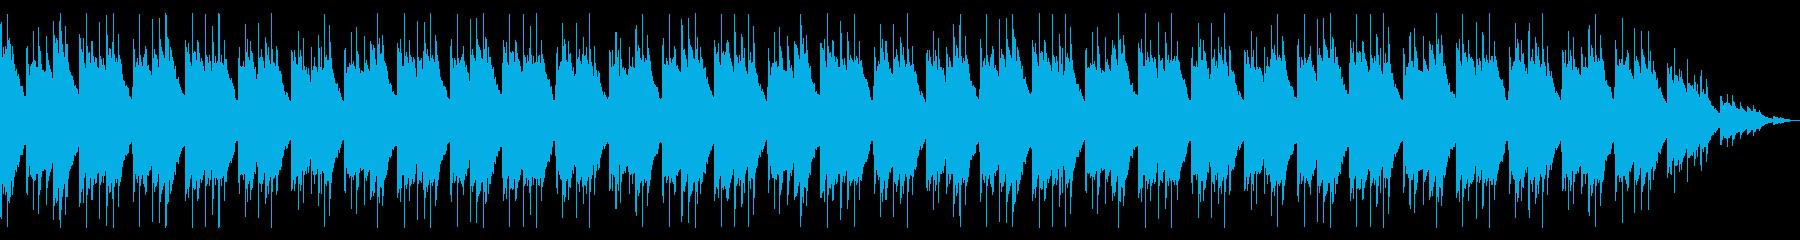 切ないアコースティックギターのアルペジオの再生済みの波形